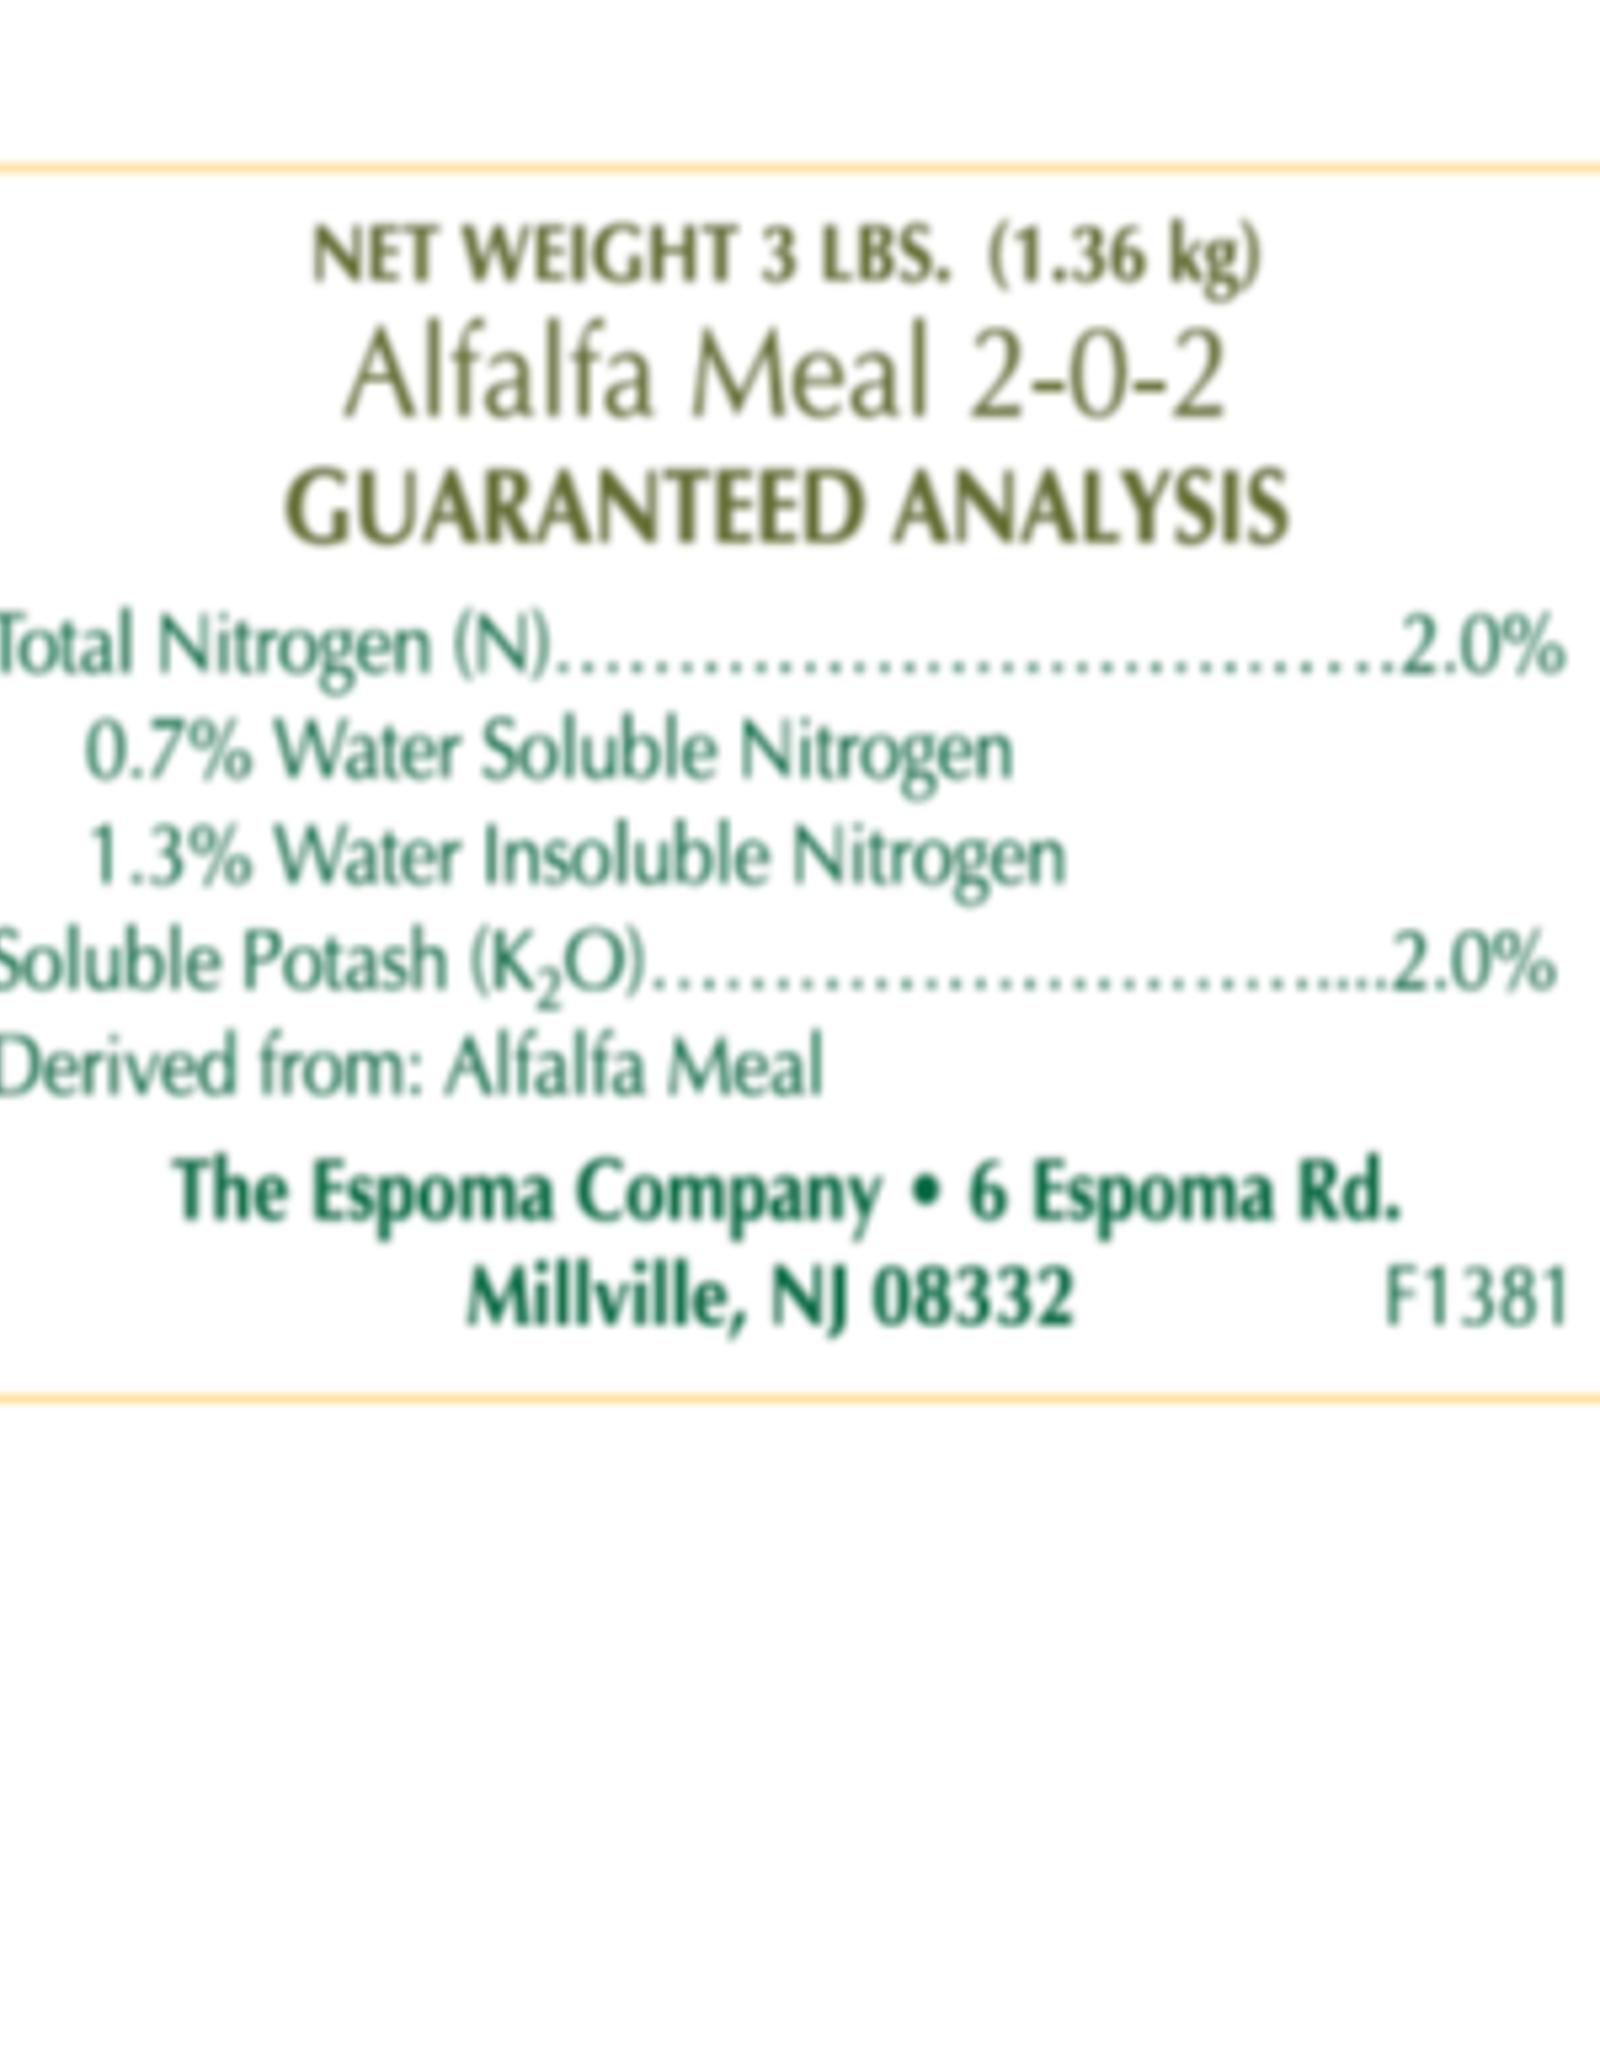 ESPOMA COMPANY ESPOMA ALFALFA MEAL 3lbs